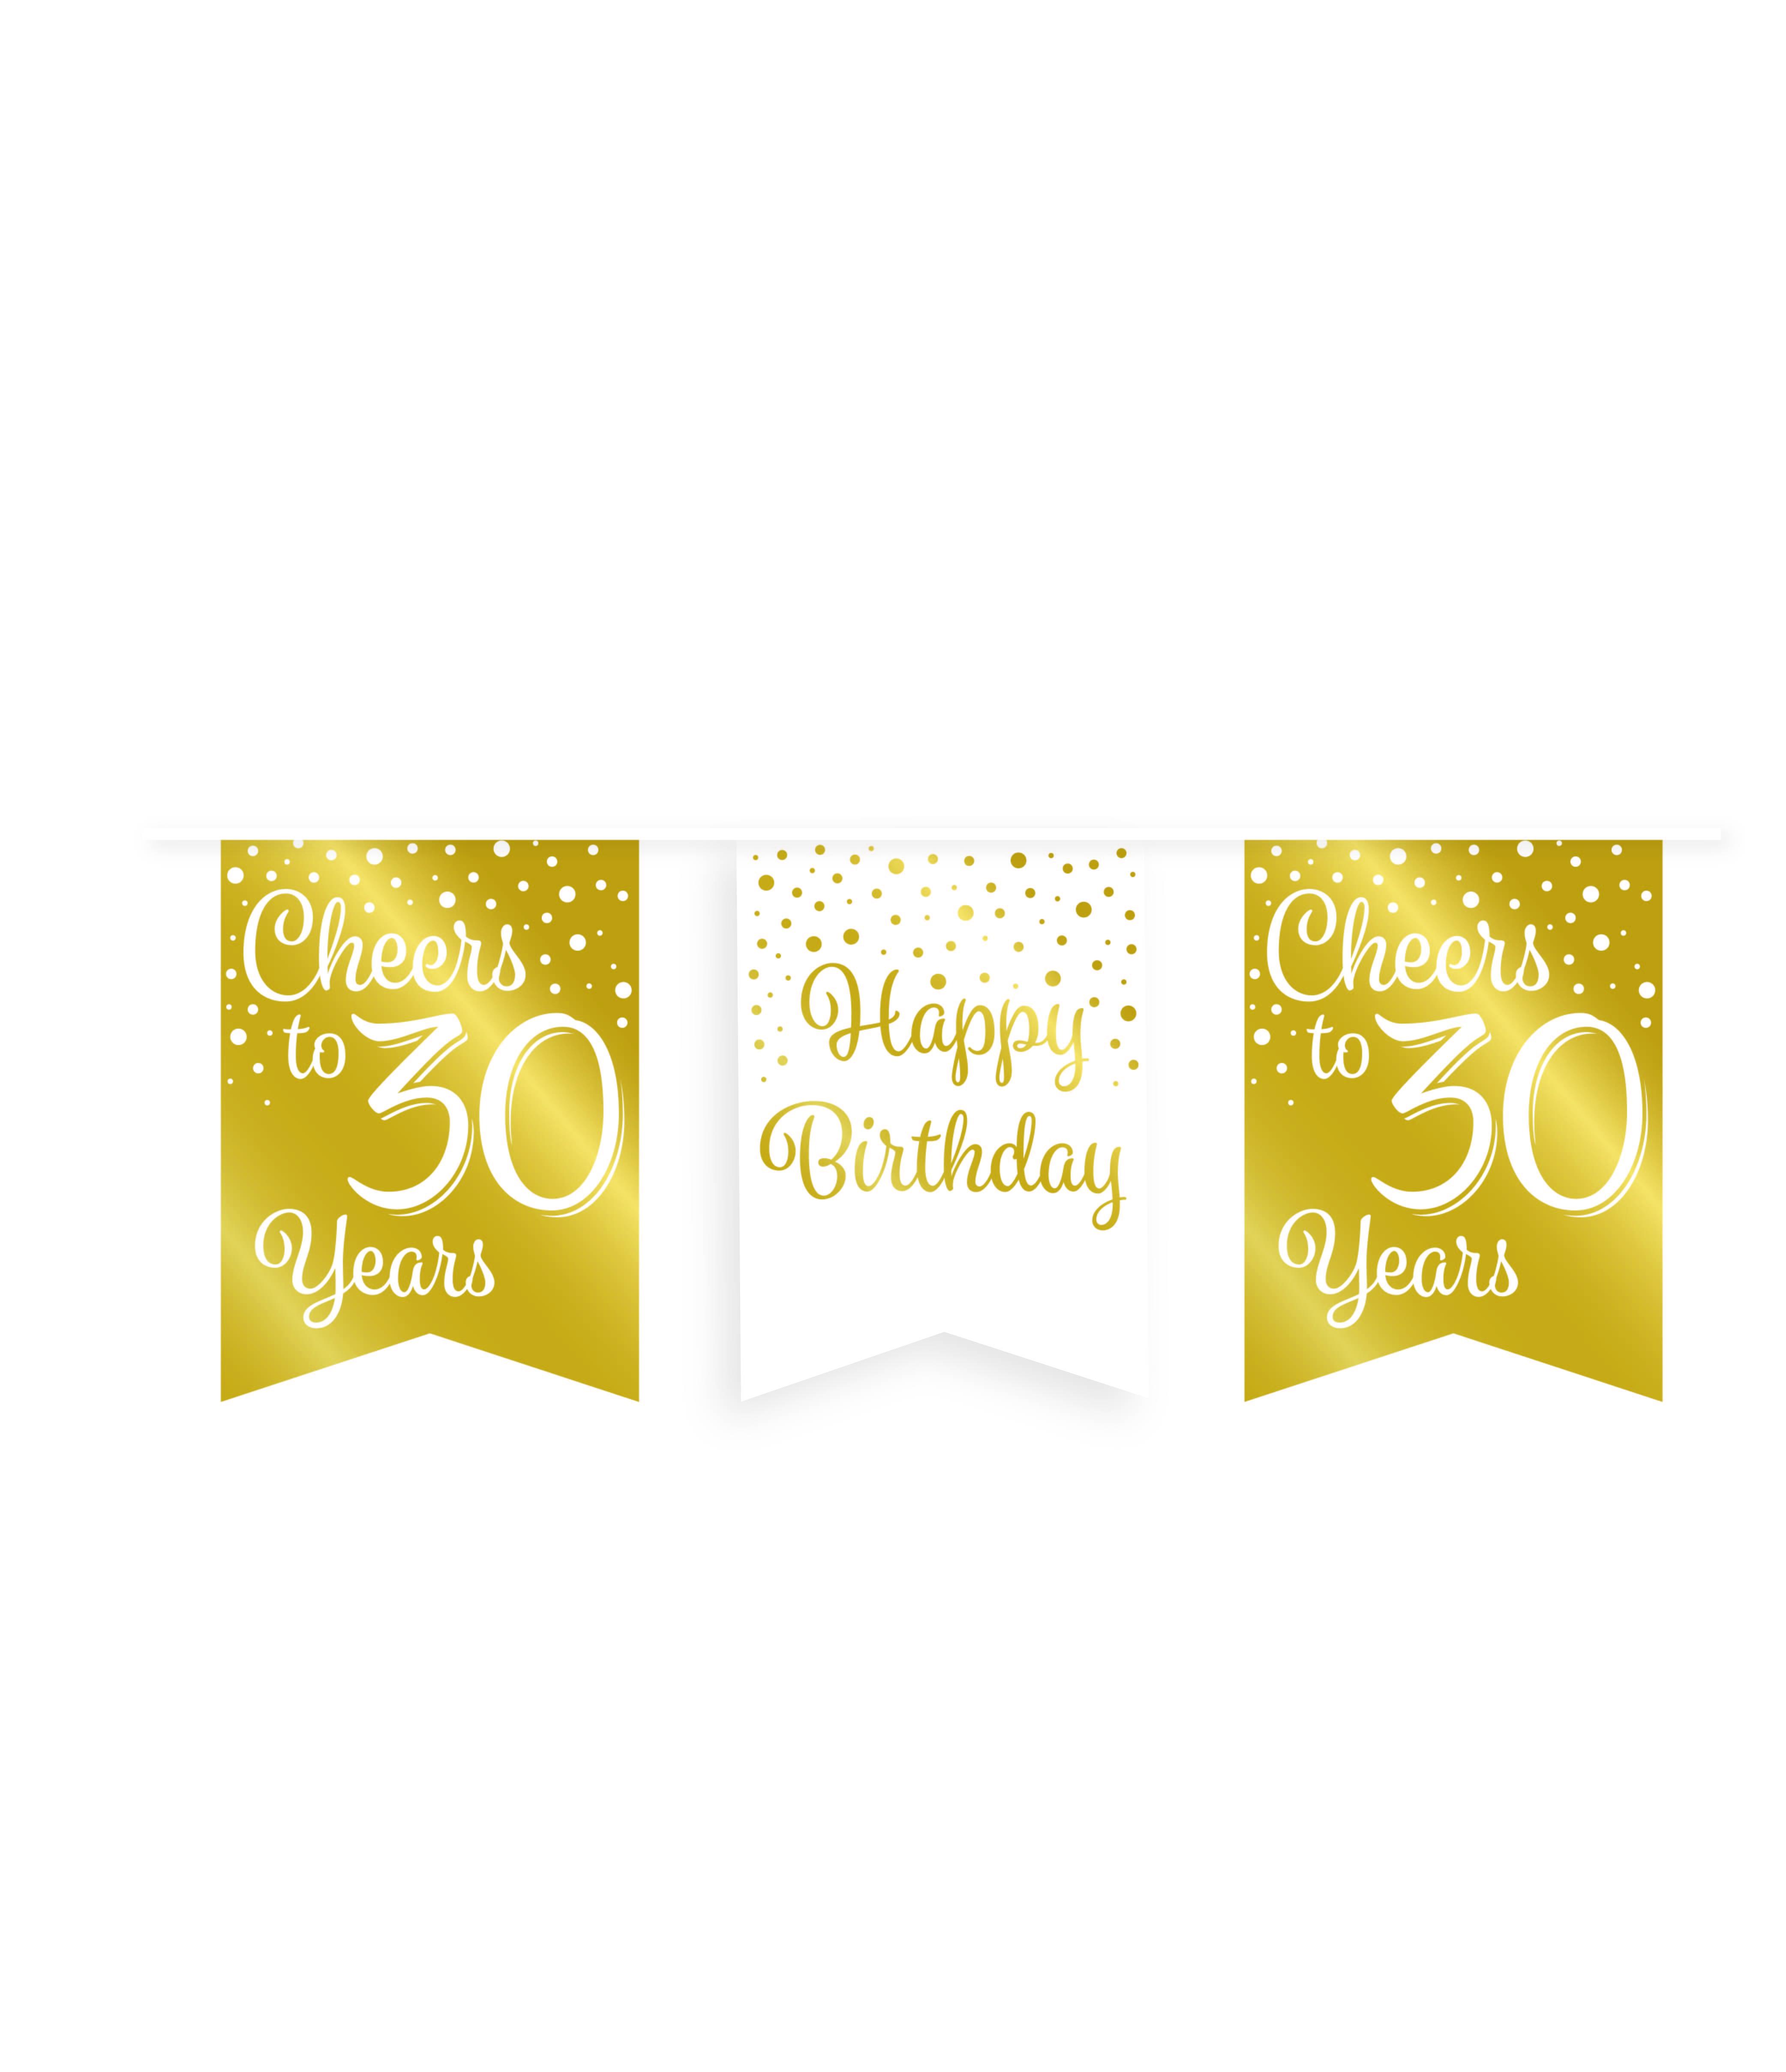 6m Vlaggenlijn Goud/Wit Cheers to 30 Years